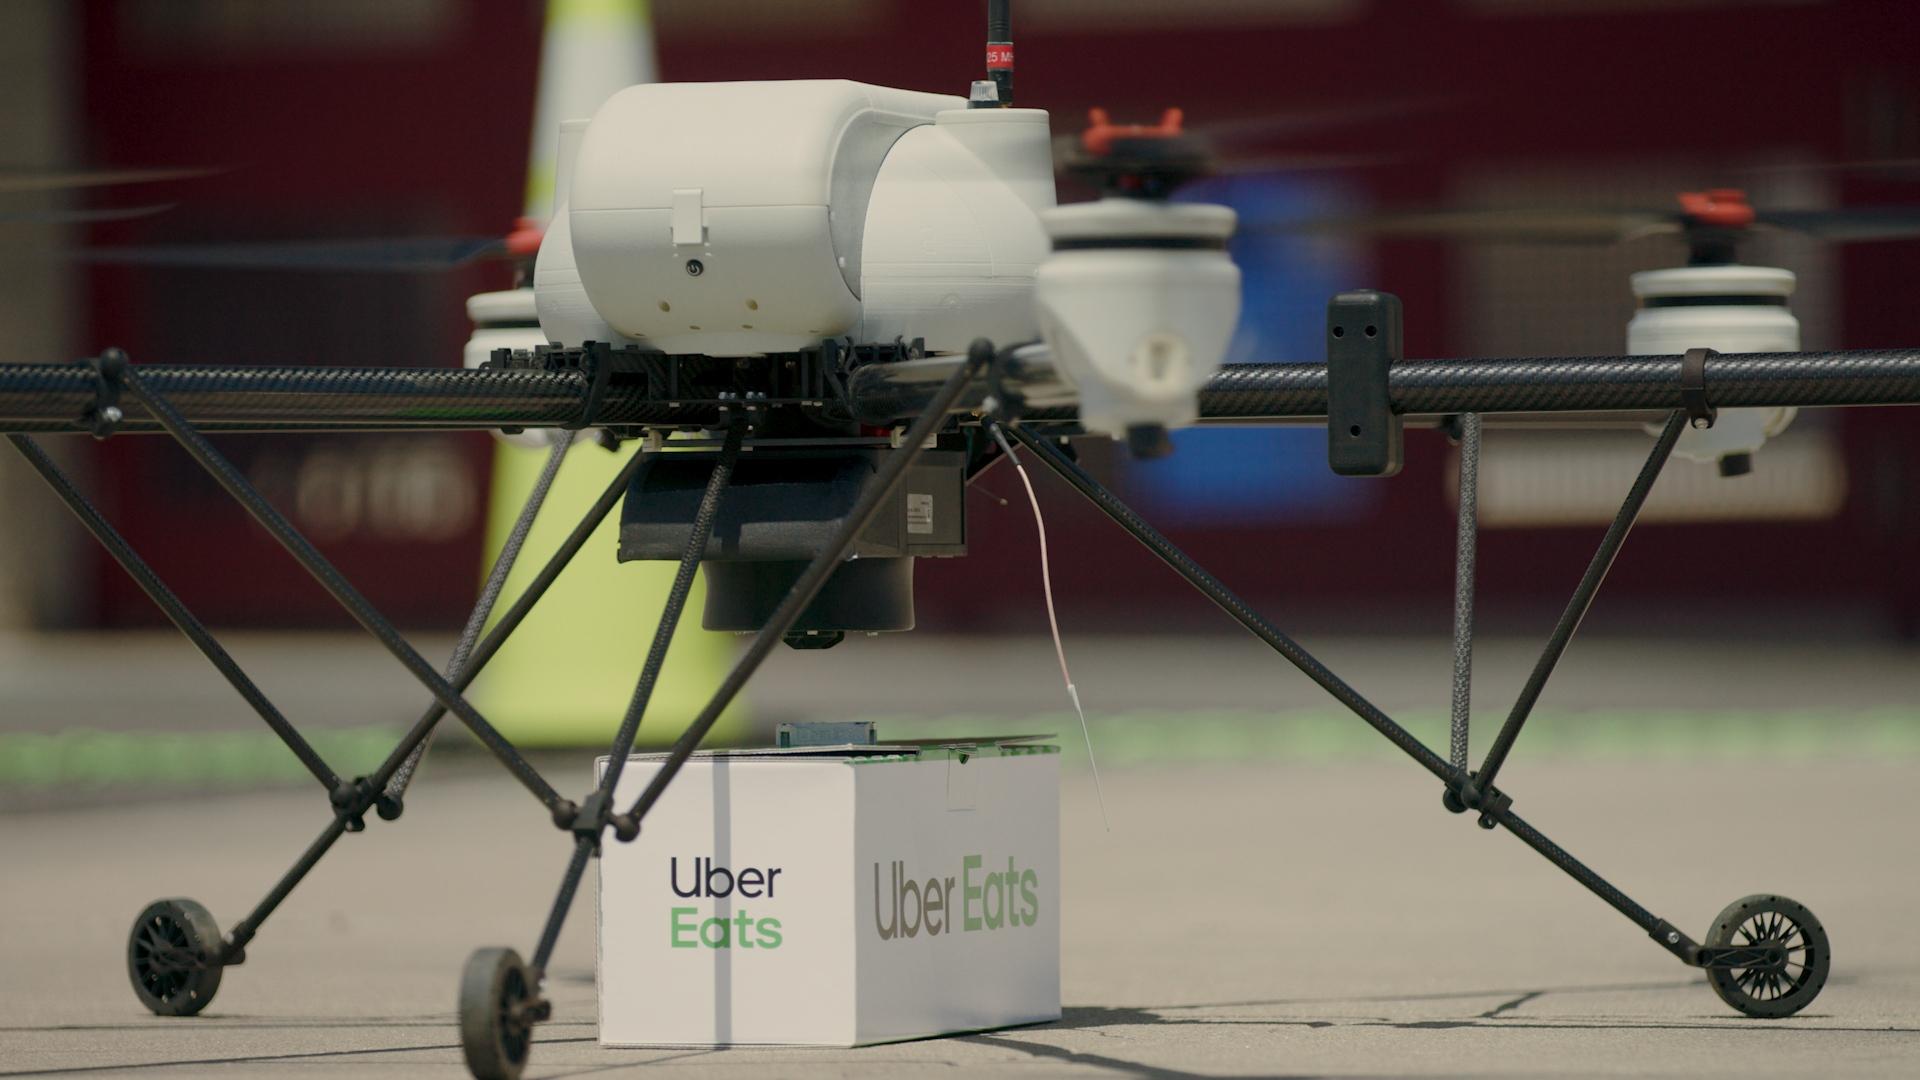 Uber Eats entregará Big Macs con sus drones